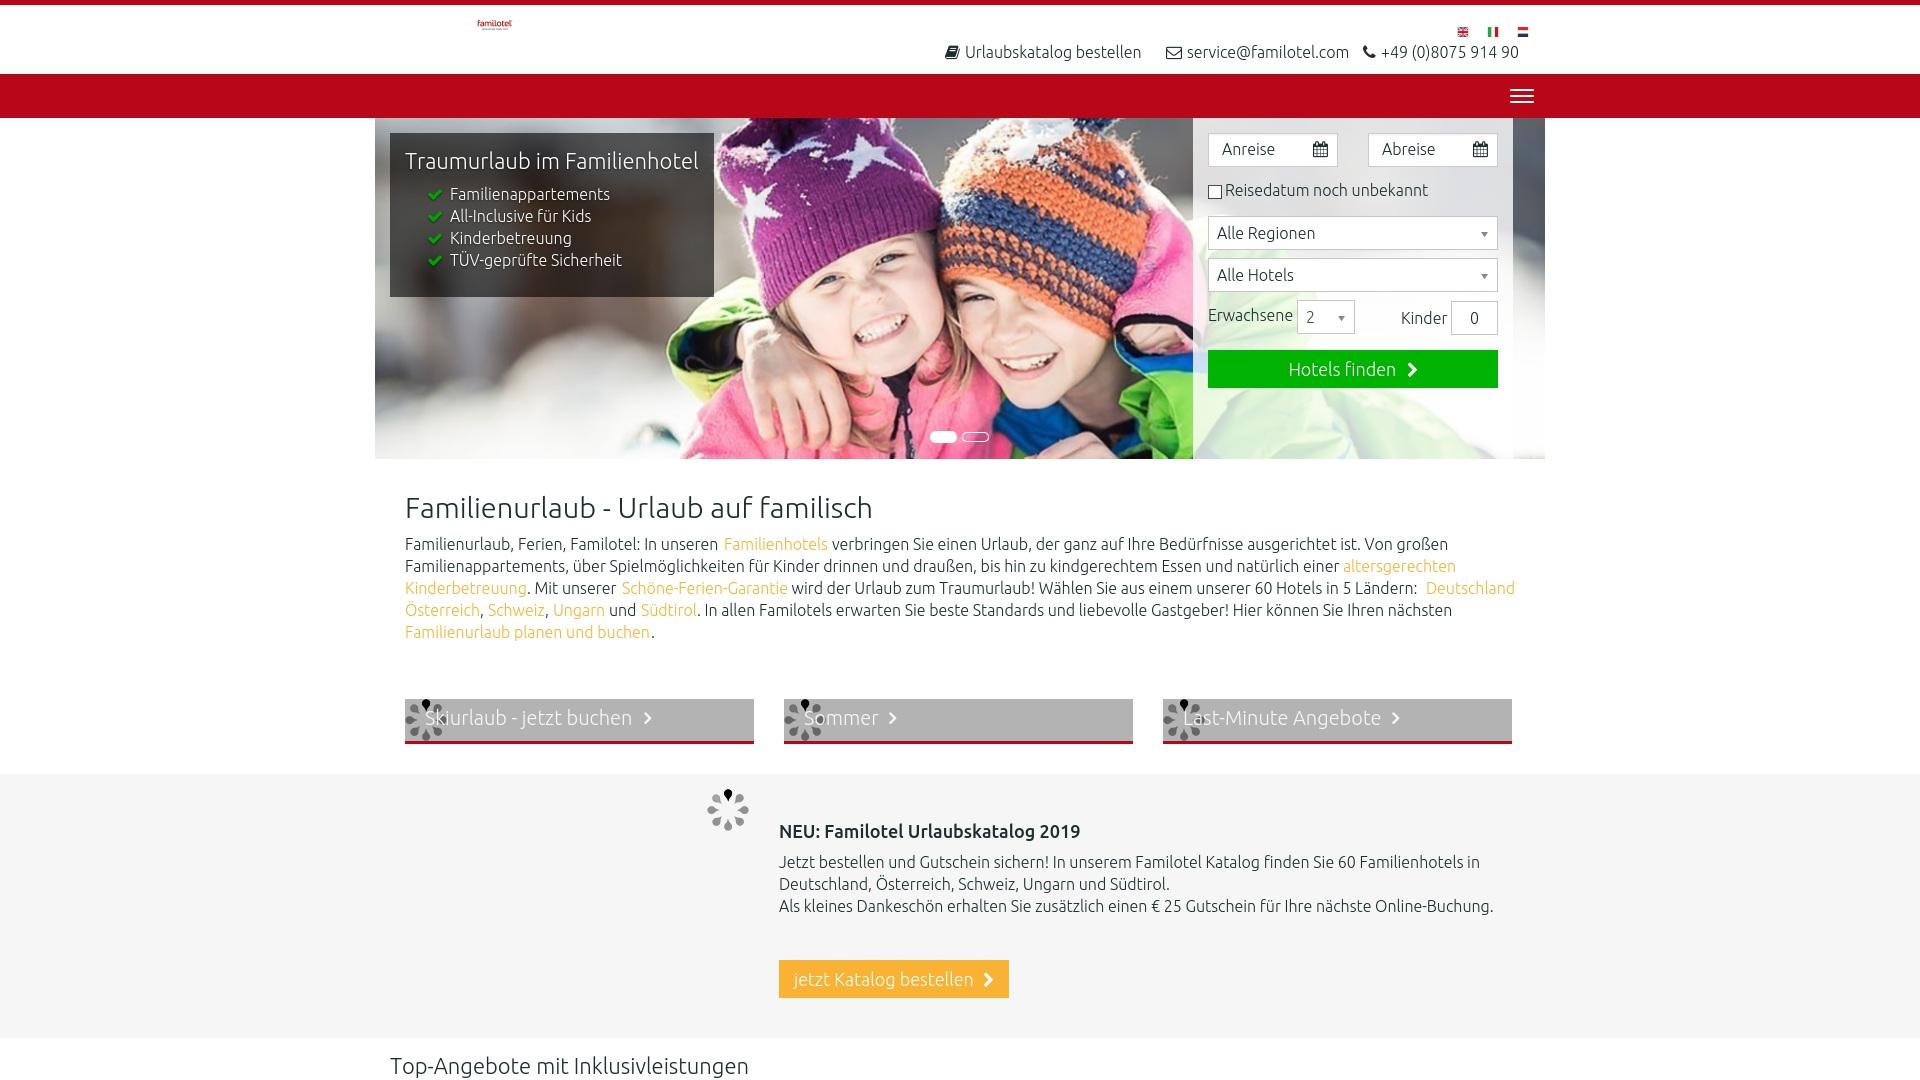 Gutschein für Familotel: Rabatte für  Familotel sichern